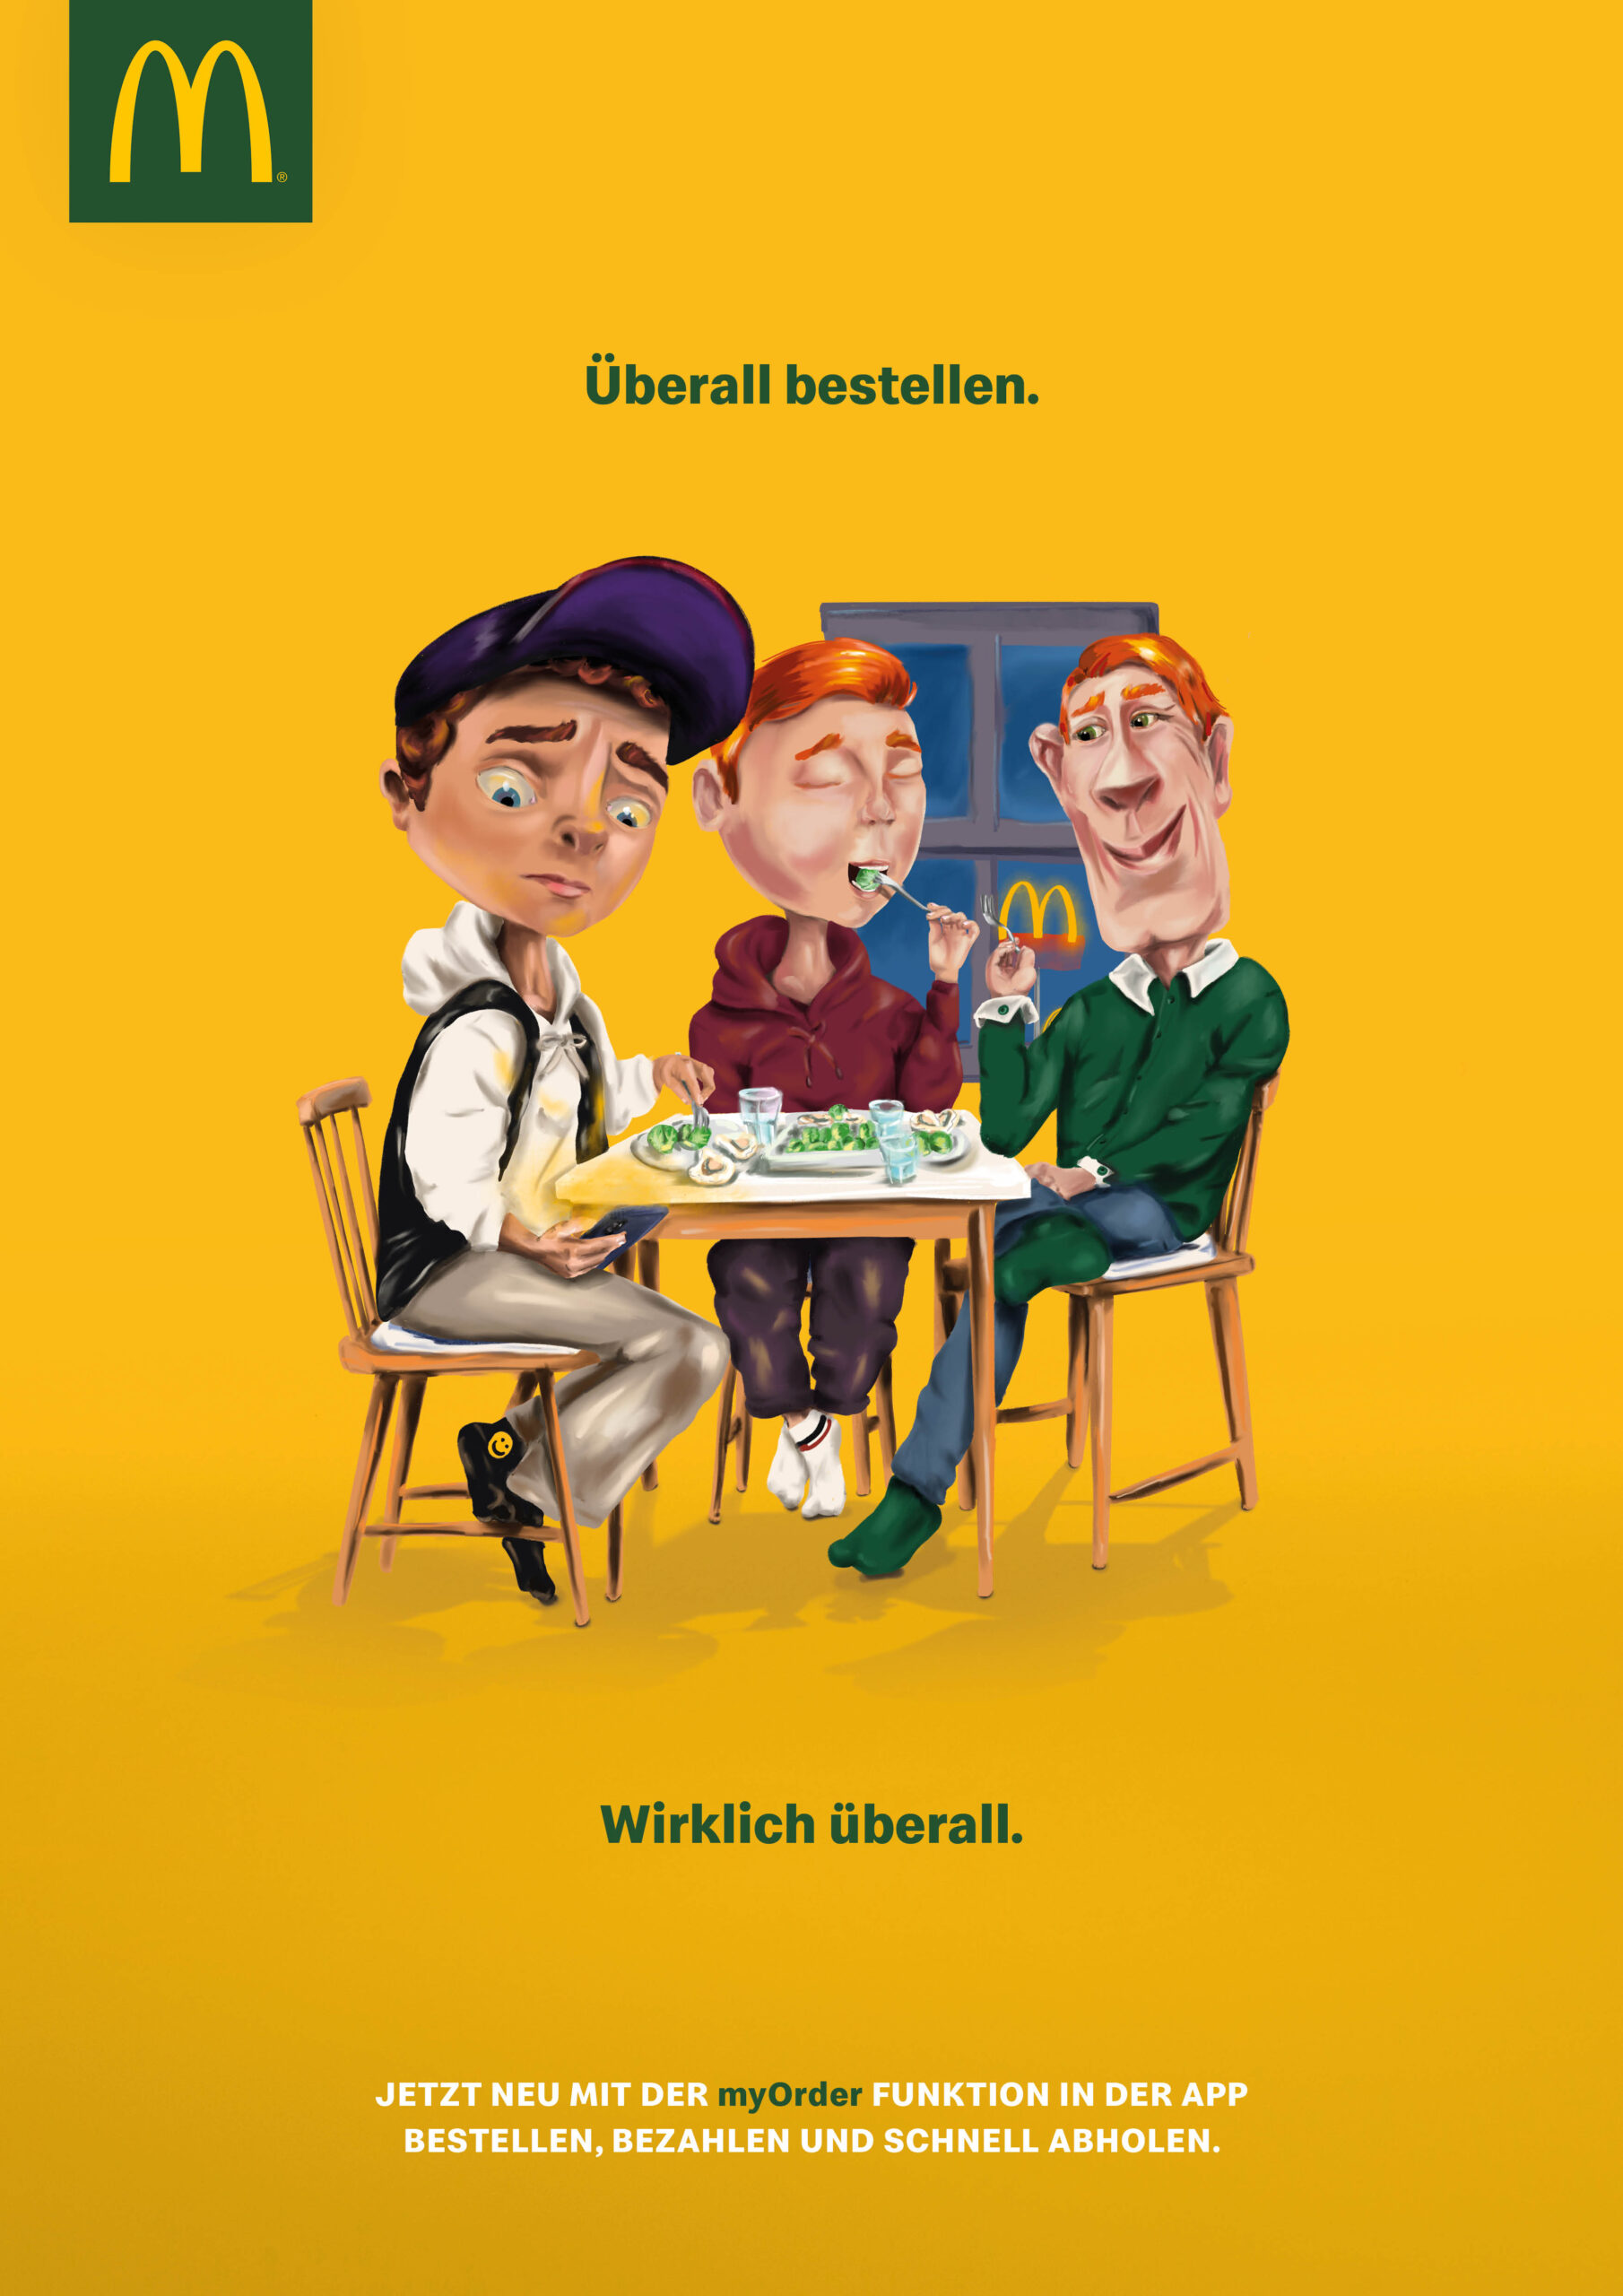 C_von-ueberall-bestellen_Bei-Freunden